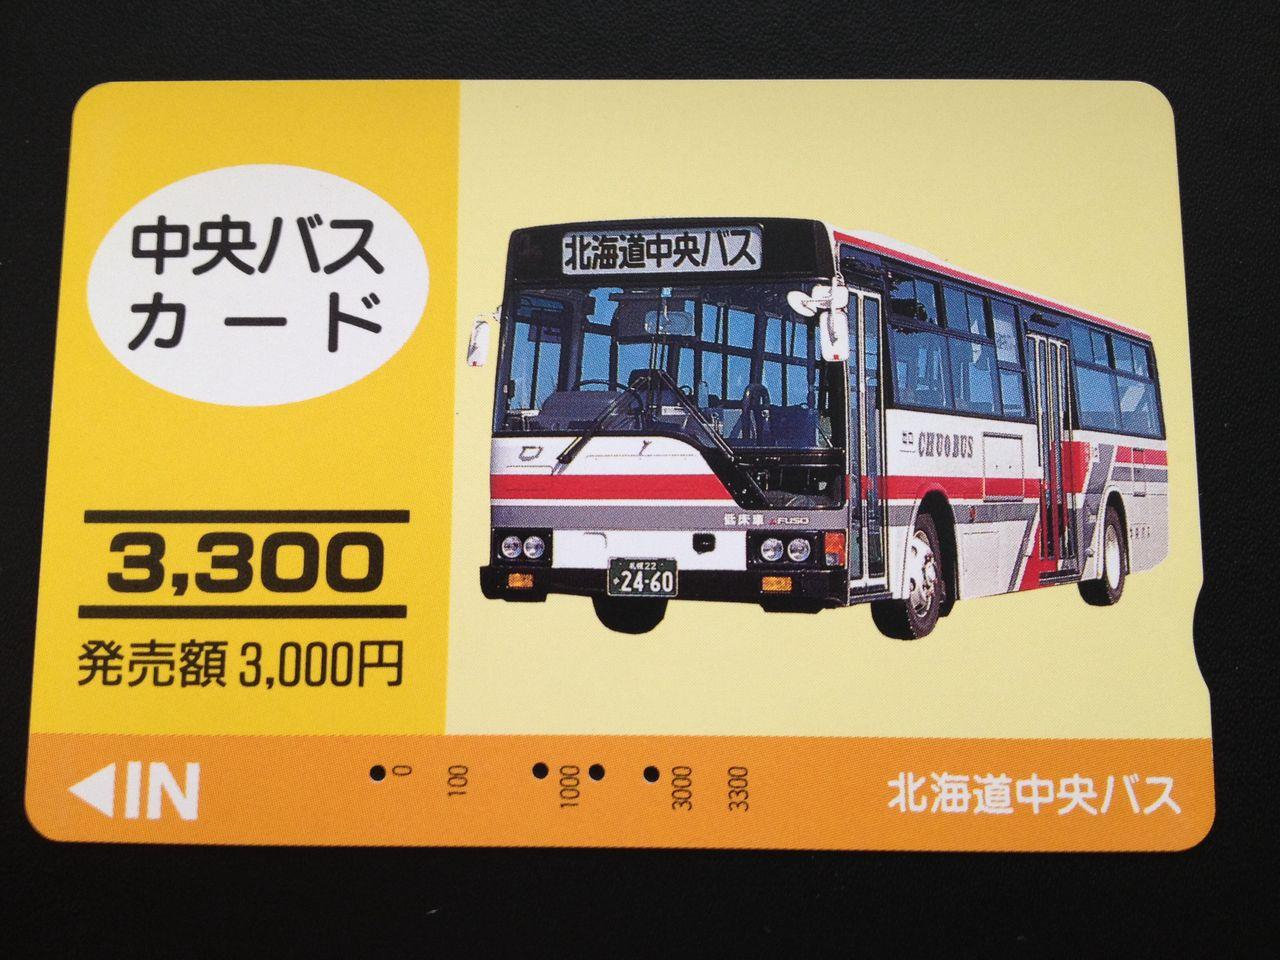 発売・利用終了】北海道中央バス 中央バスカード : GAKUの旅記録